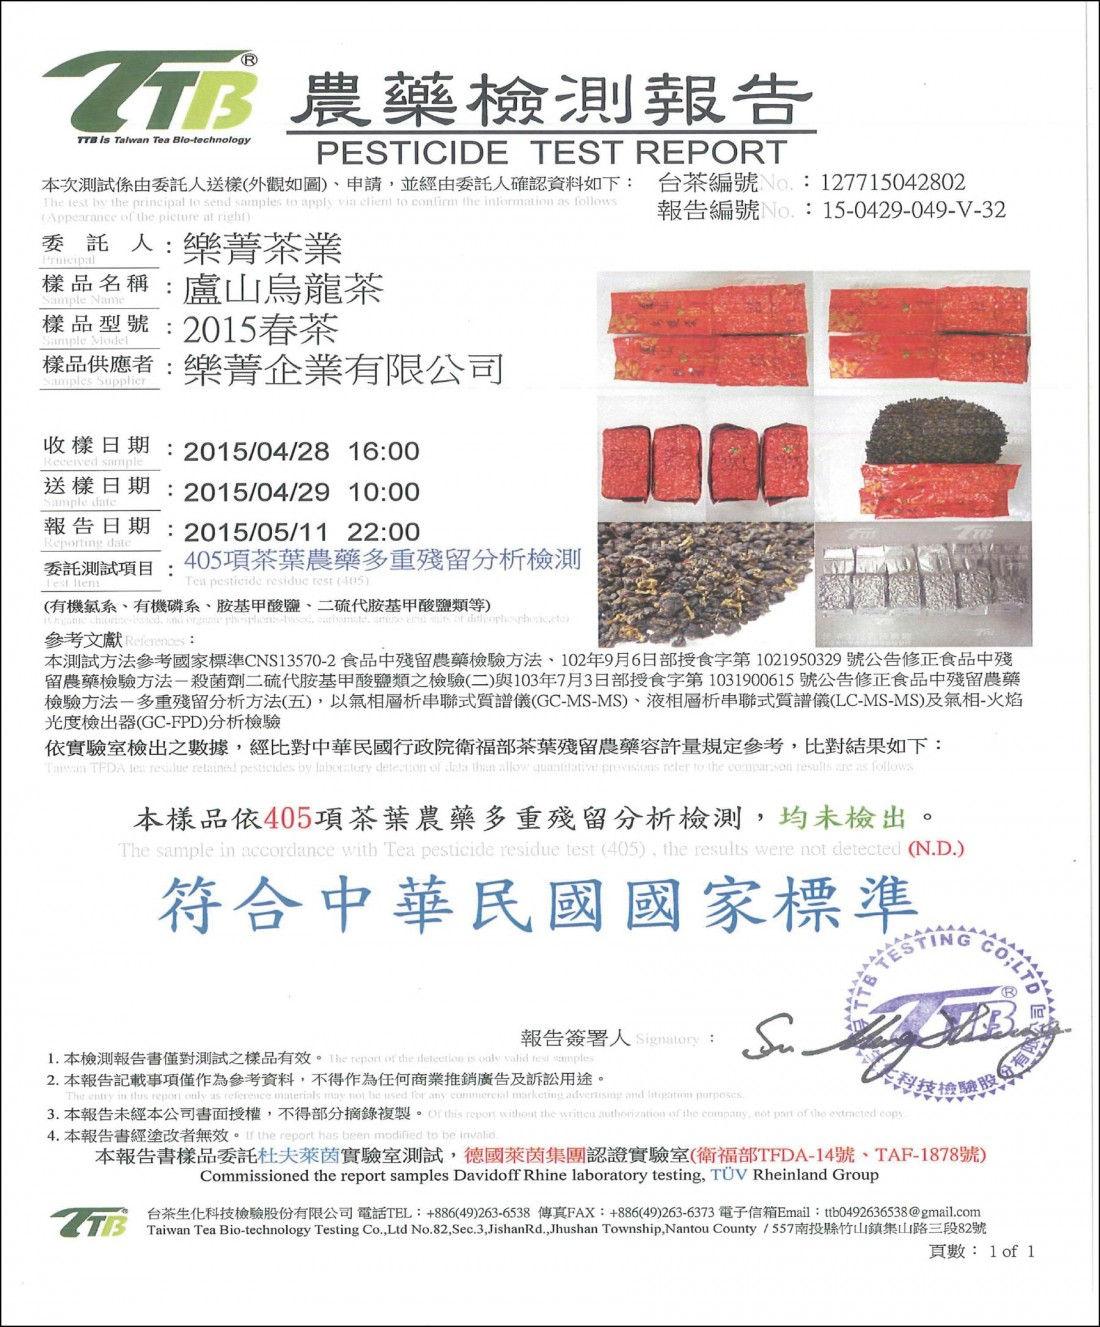 盧山烏龍茶-茶葉農藥殘留檢驗合格報告